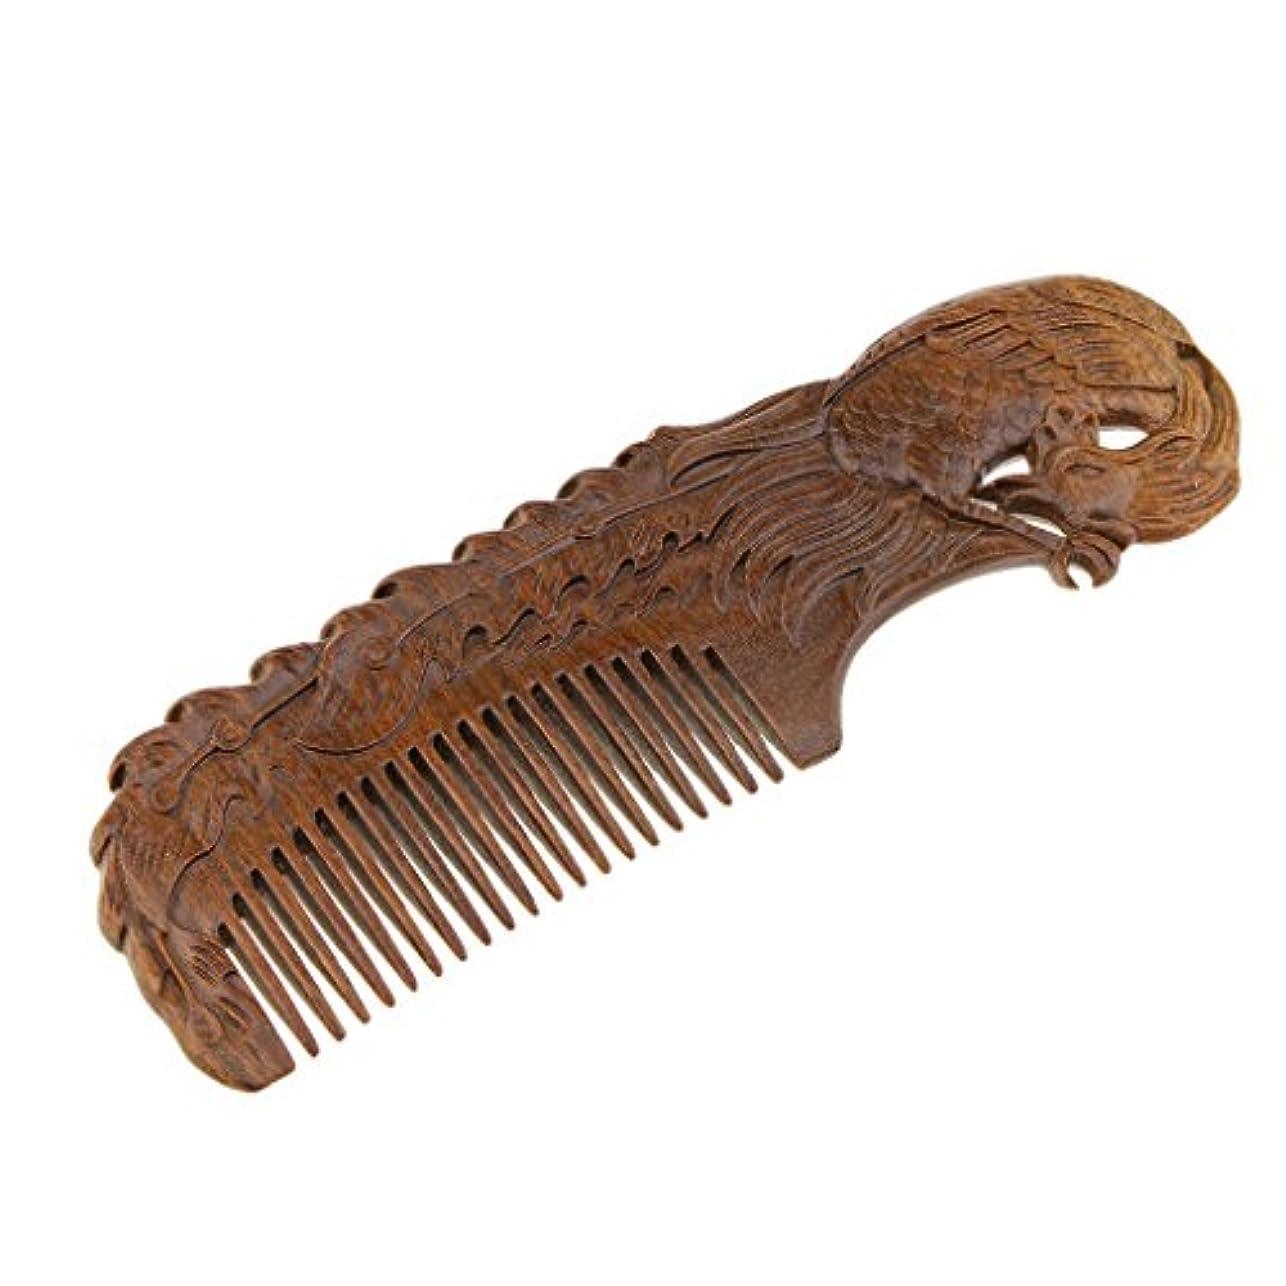 破滅的な活性化する物理的にヘアブラシ ヘアコーム 木製櫛 コーム 伝統工芸品 プレゼント 2タイプ - Phoenix